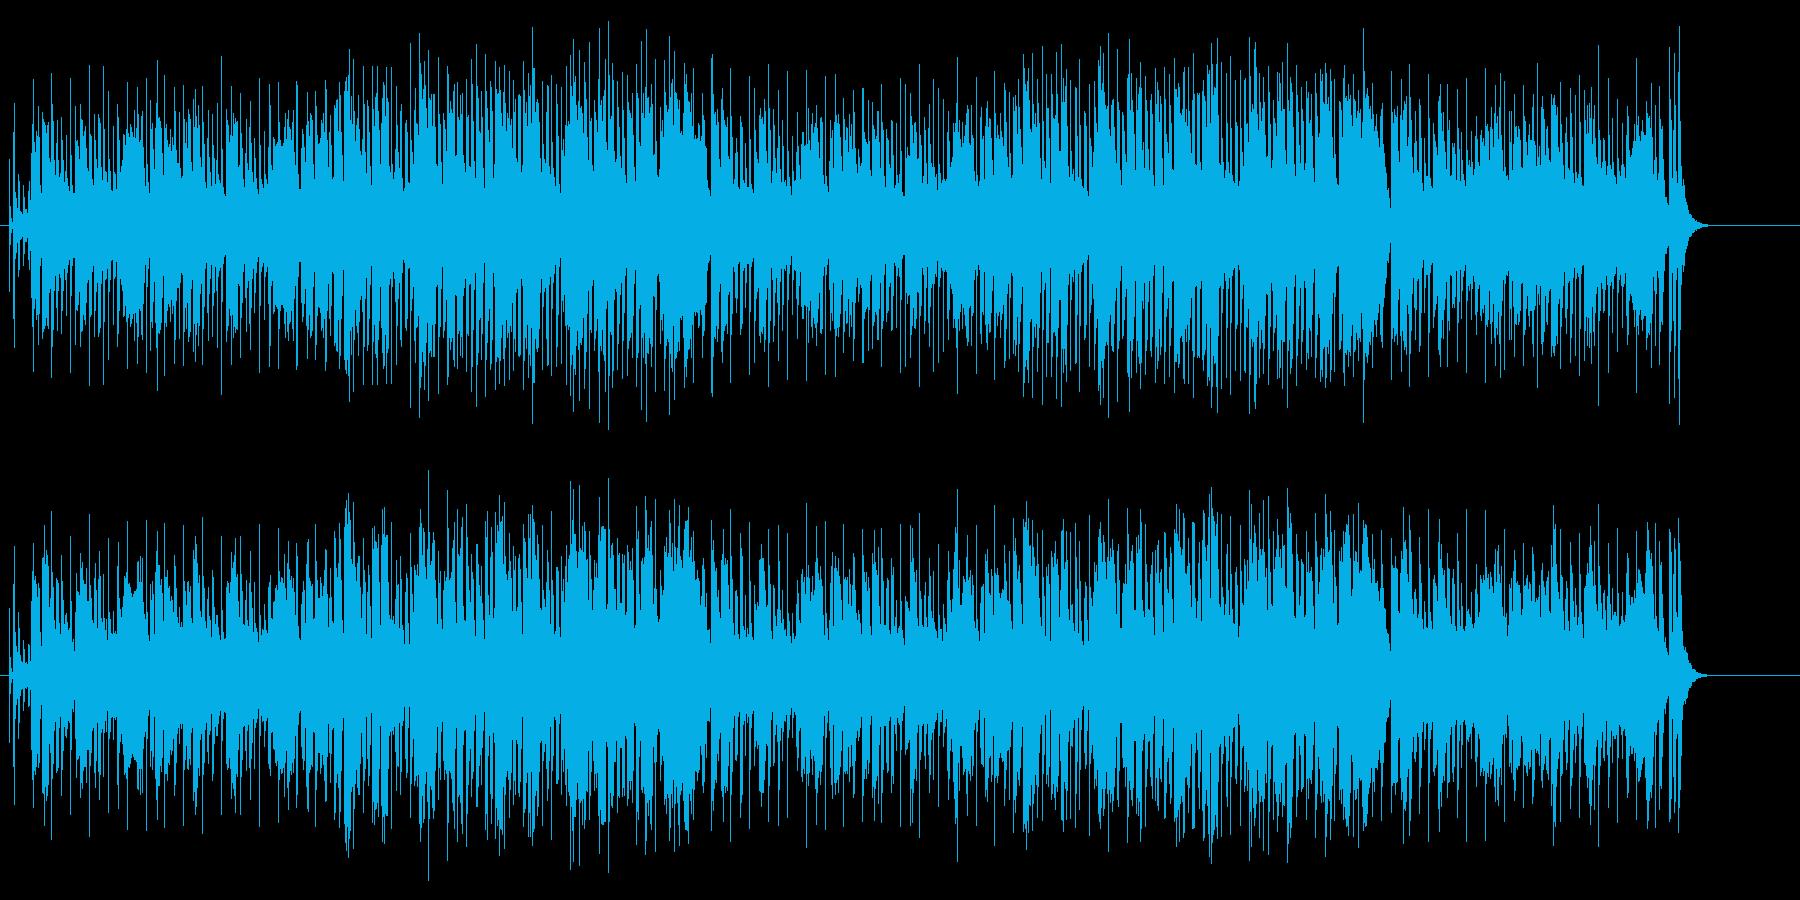 エレクトロなブラスのミディアム・ポップスの再生済みの波形